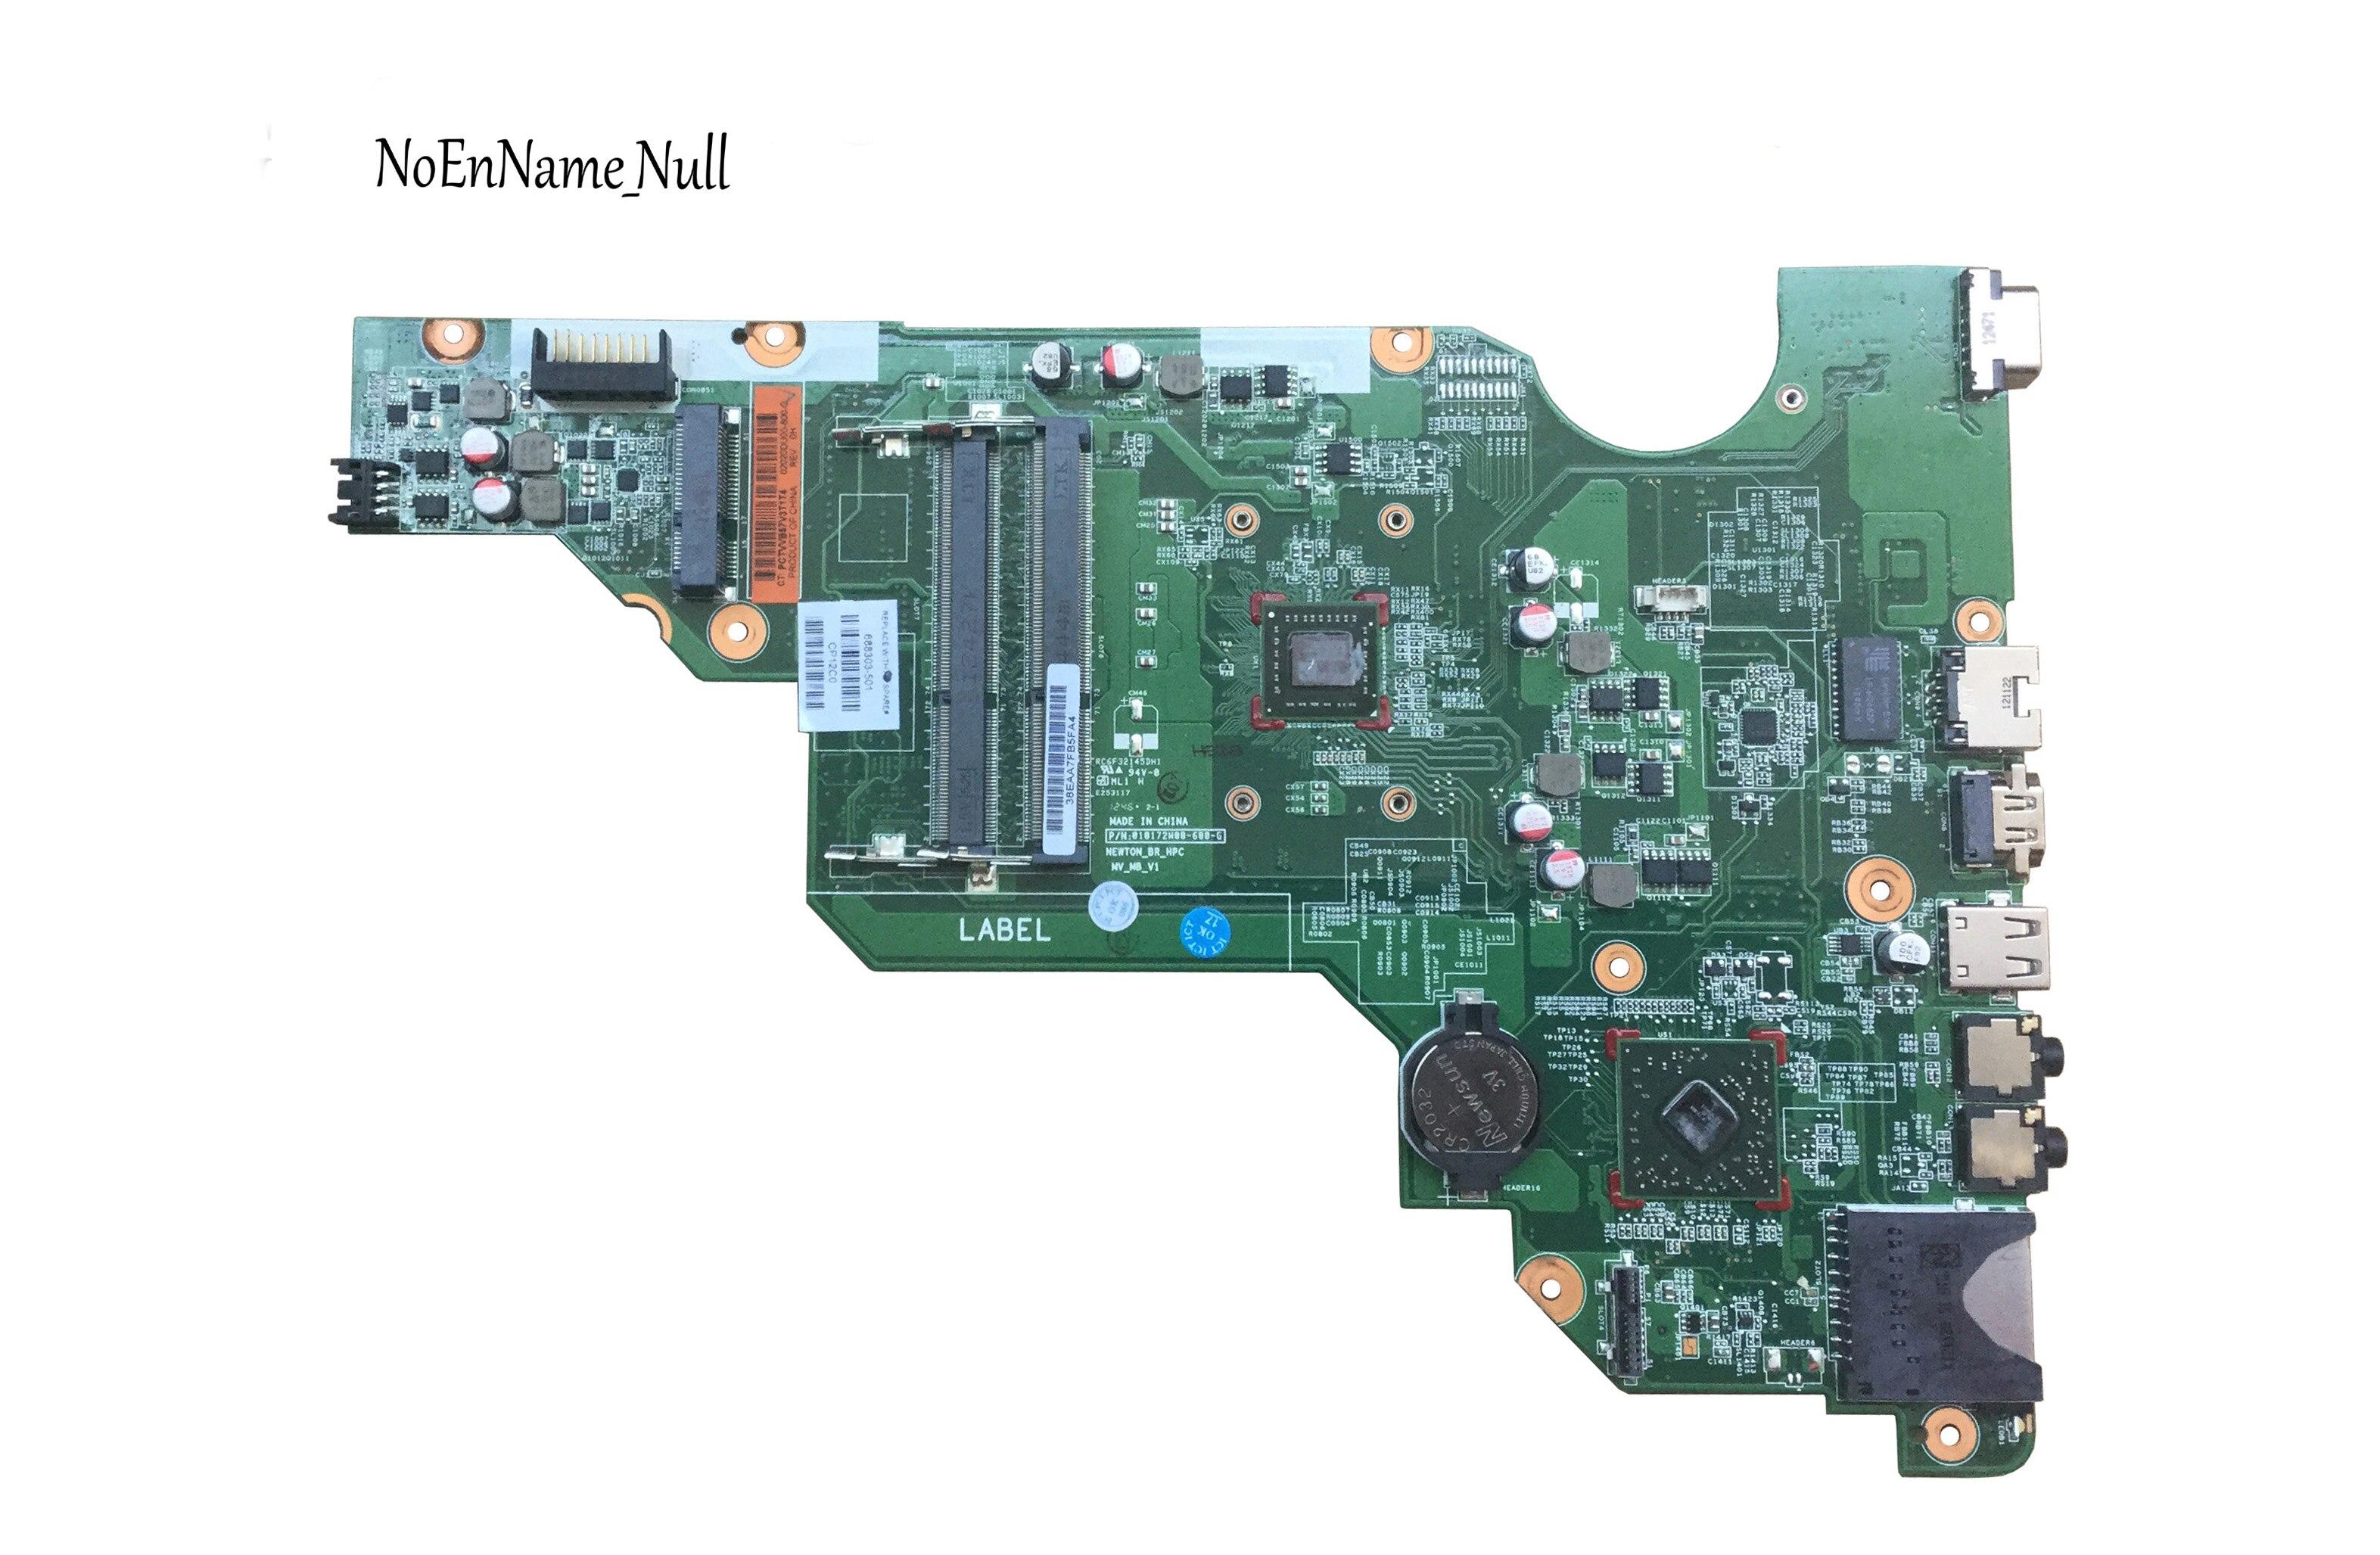 Оригинальный 688303-501 для HP 2000 CQ58 655 Материнская плата ноутбука 688303-001 материнская плата гарантия 100% ТЕСТ ОК